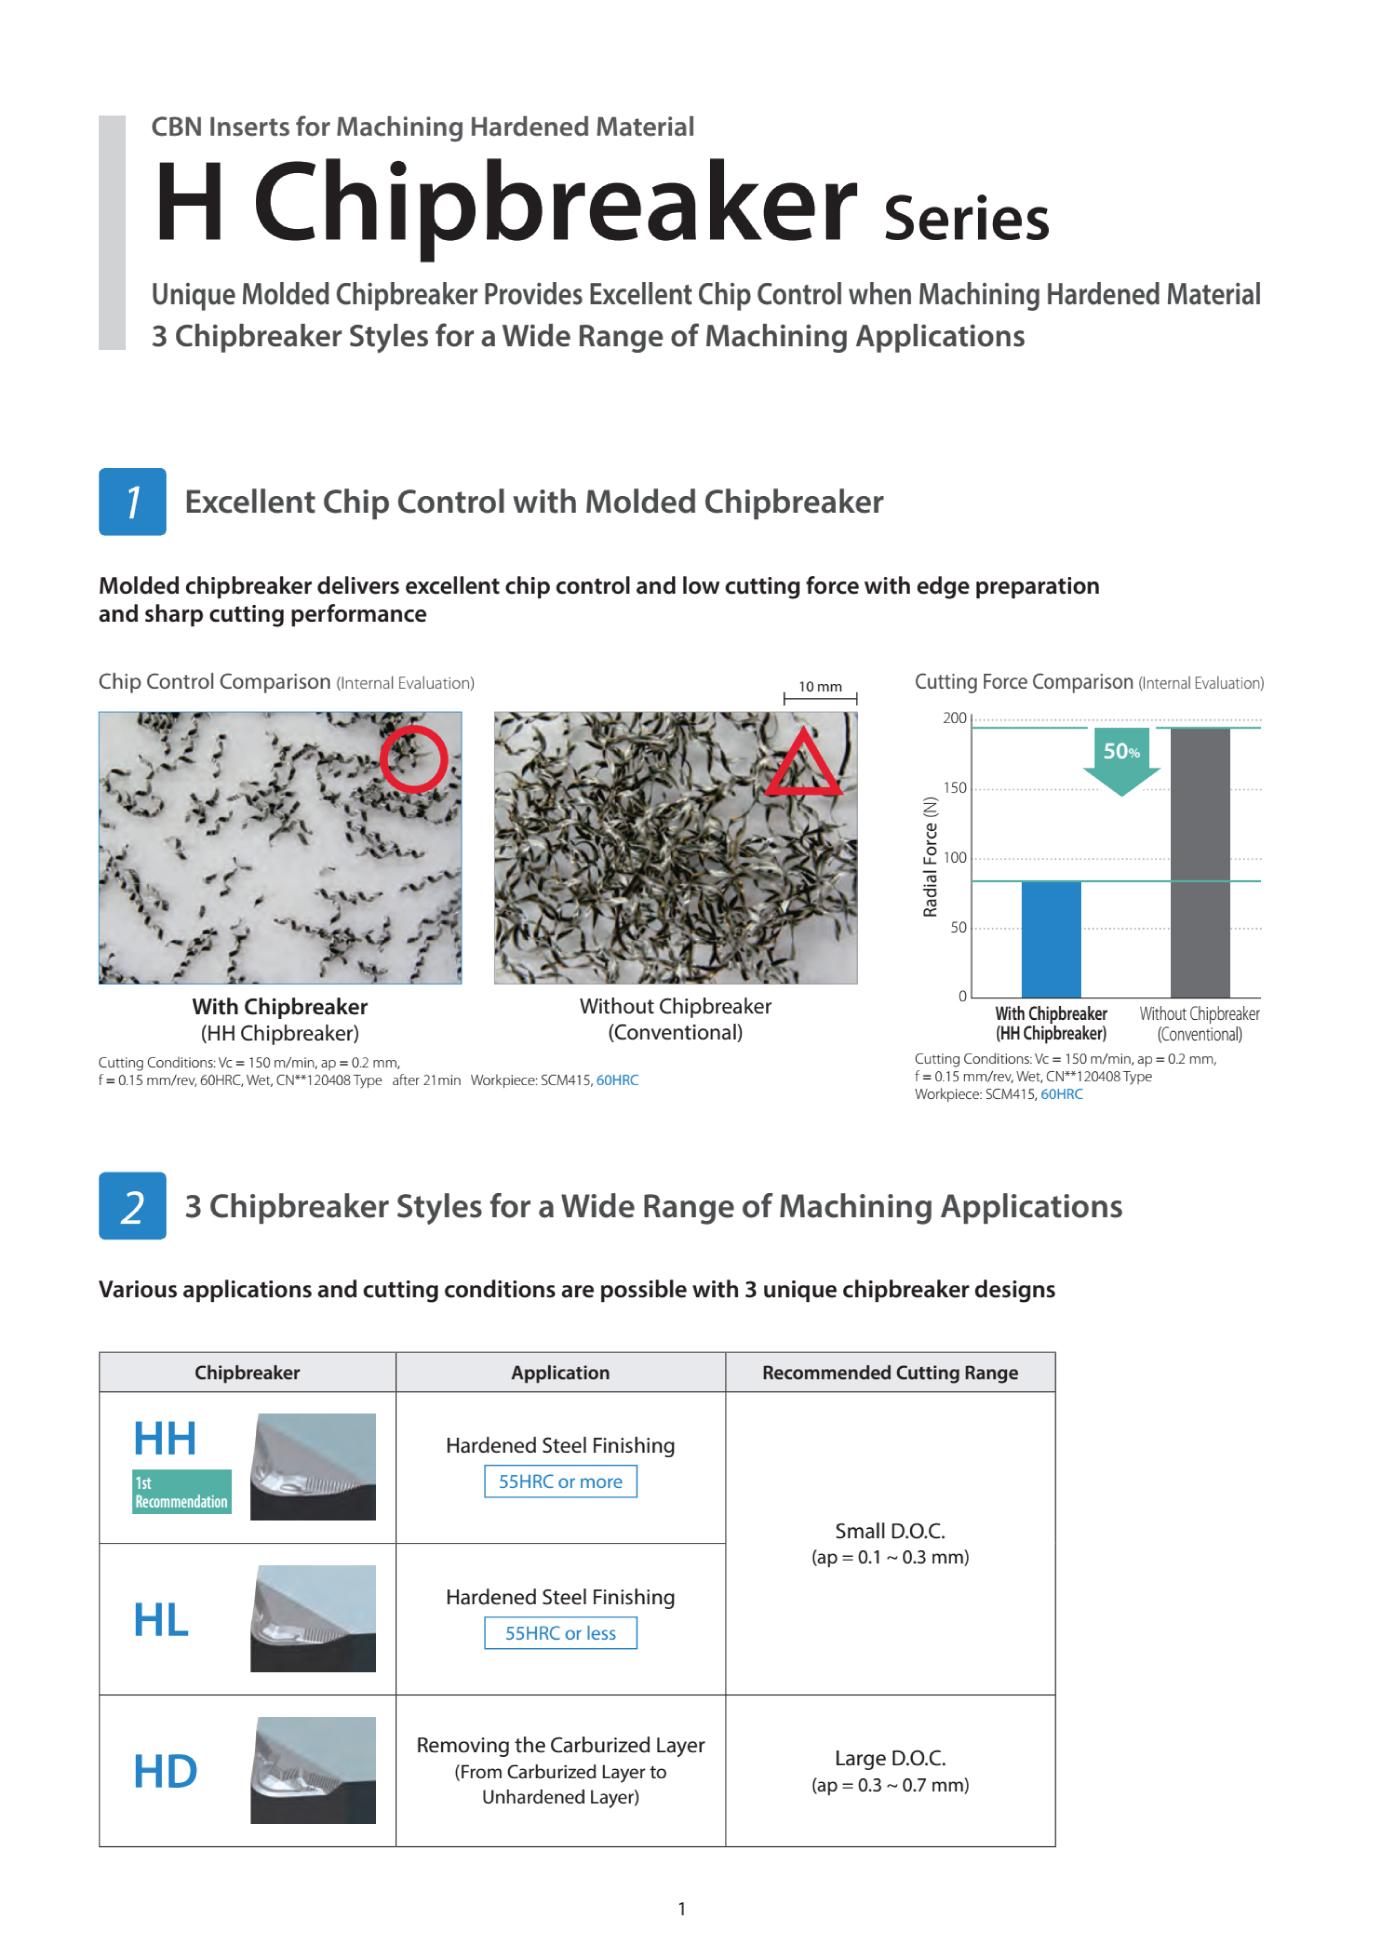 Insert Tiện CBN Kyocera - H Chipbreaker Series Chuyên Gia Công Thép Sau Nhiệt 2